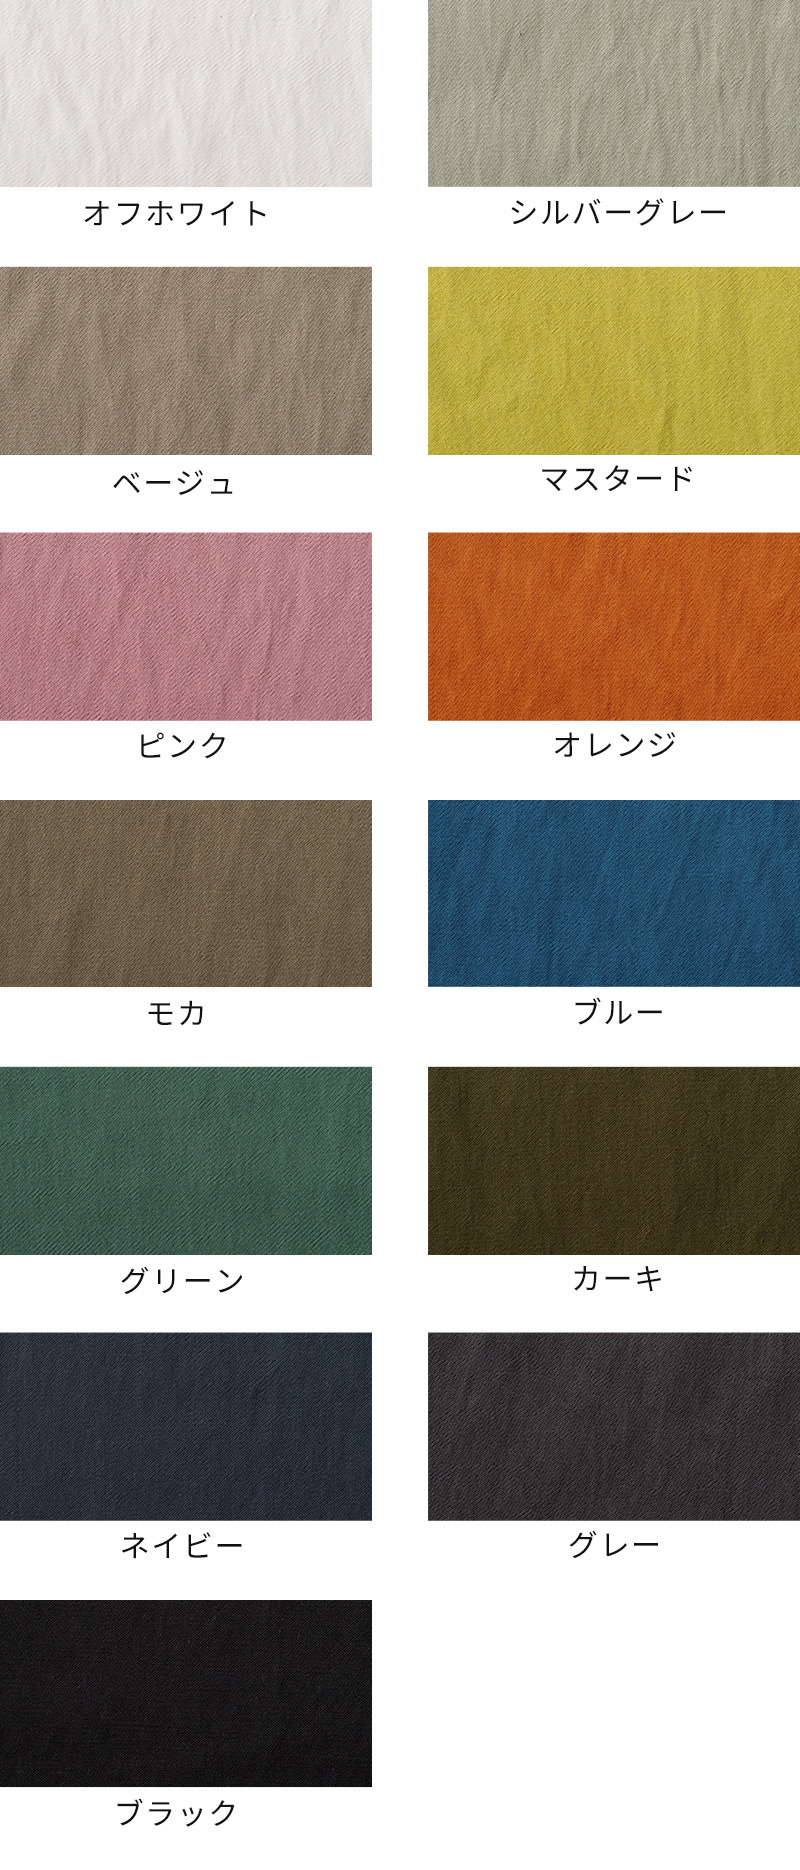 オフホワイト/シルバーグレー/ベージュ/マスタード/ピンク/オレンジ/モカ/ブルー/グリーン/カーキ/ネイビー/グレー/ブラック